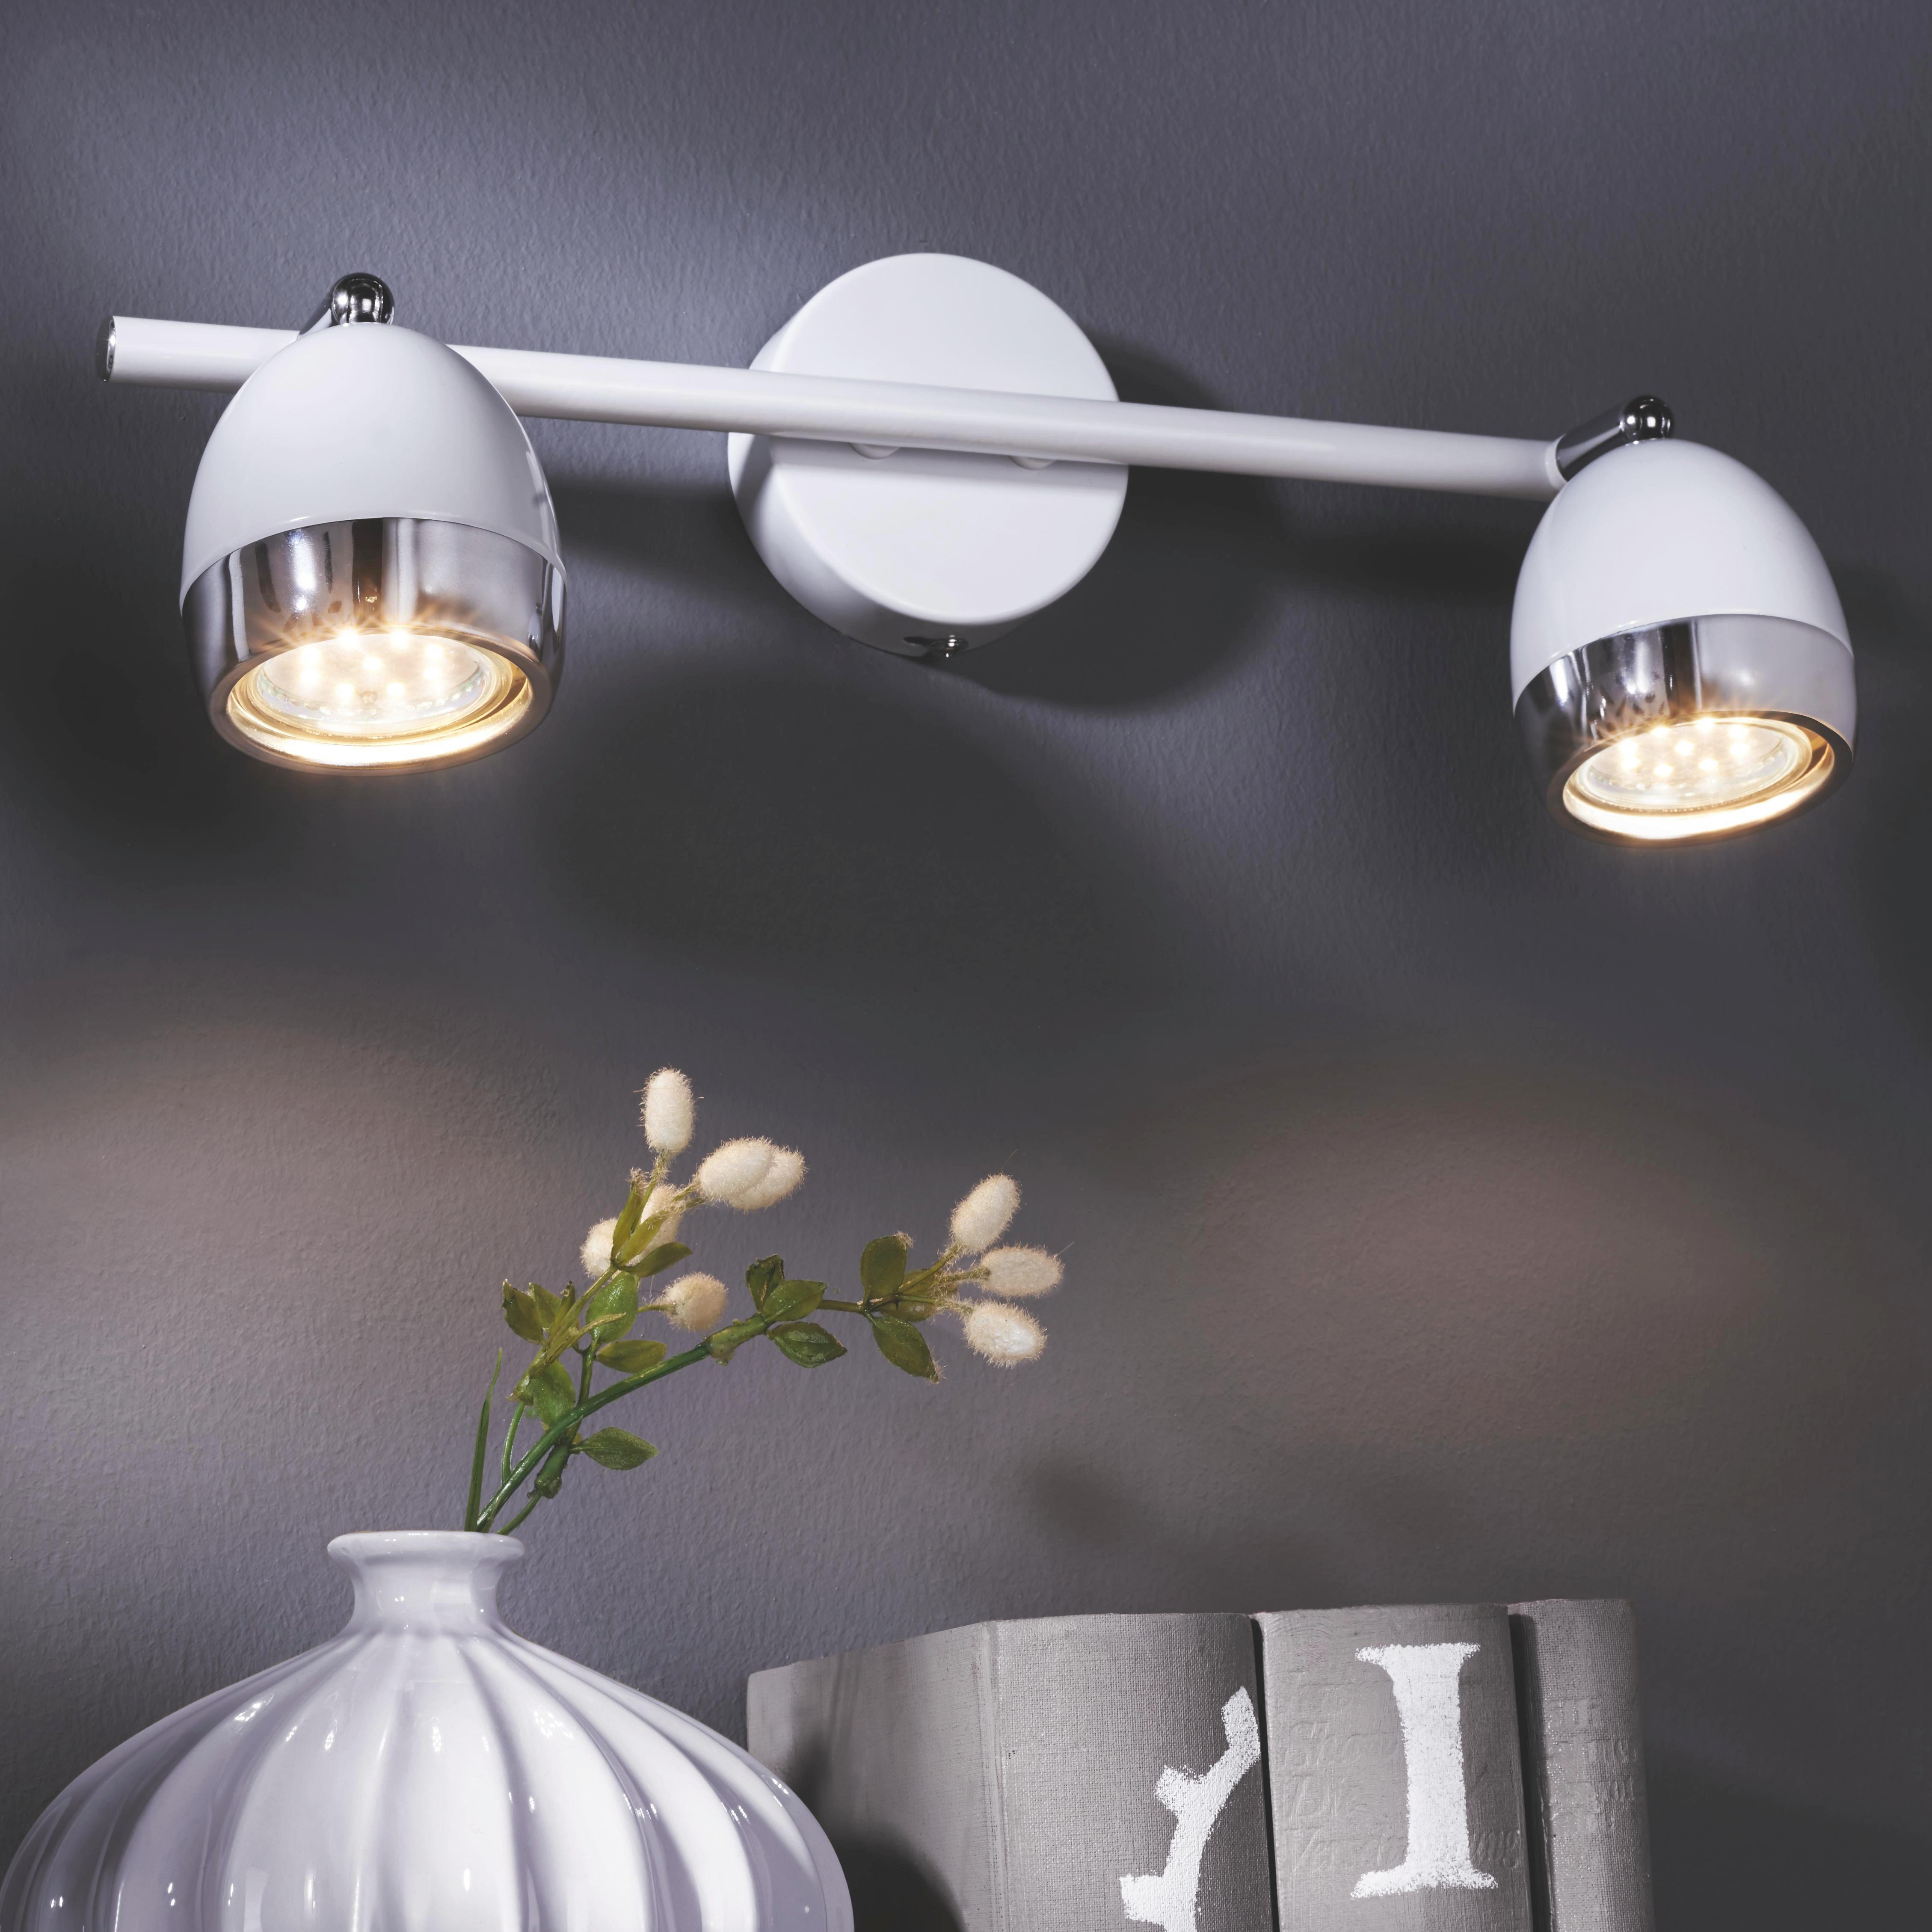 Bodove Svetlo Nantes - biela/farby chrómu, Štýlový, umelá hmota/kov (25/15,5cm) - MÖMAX modern living